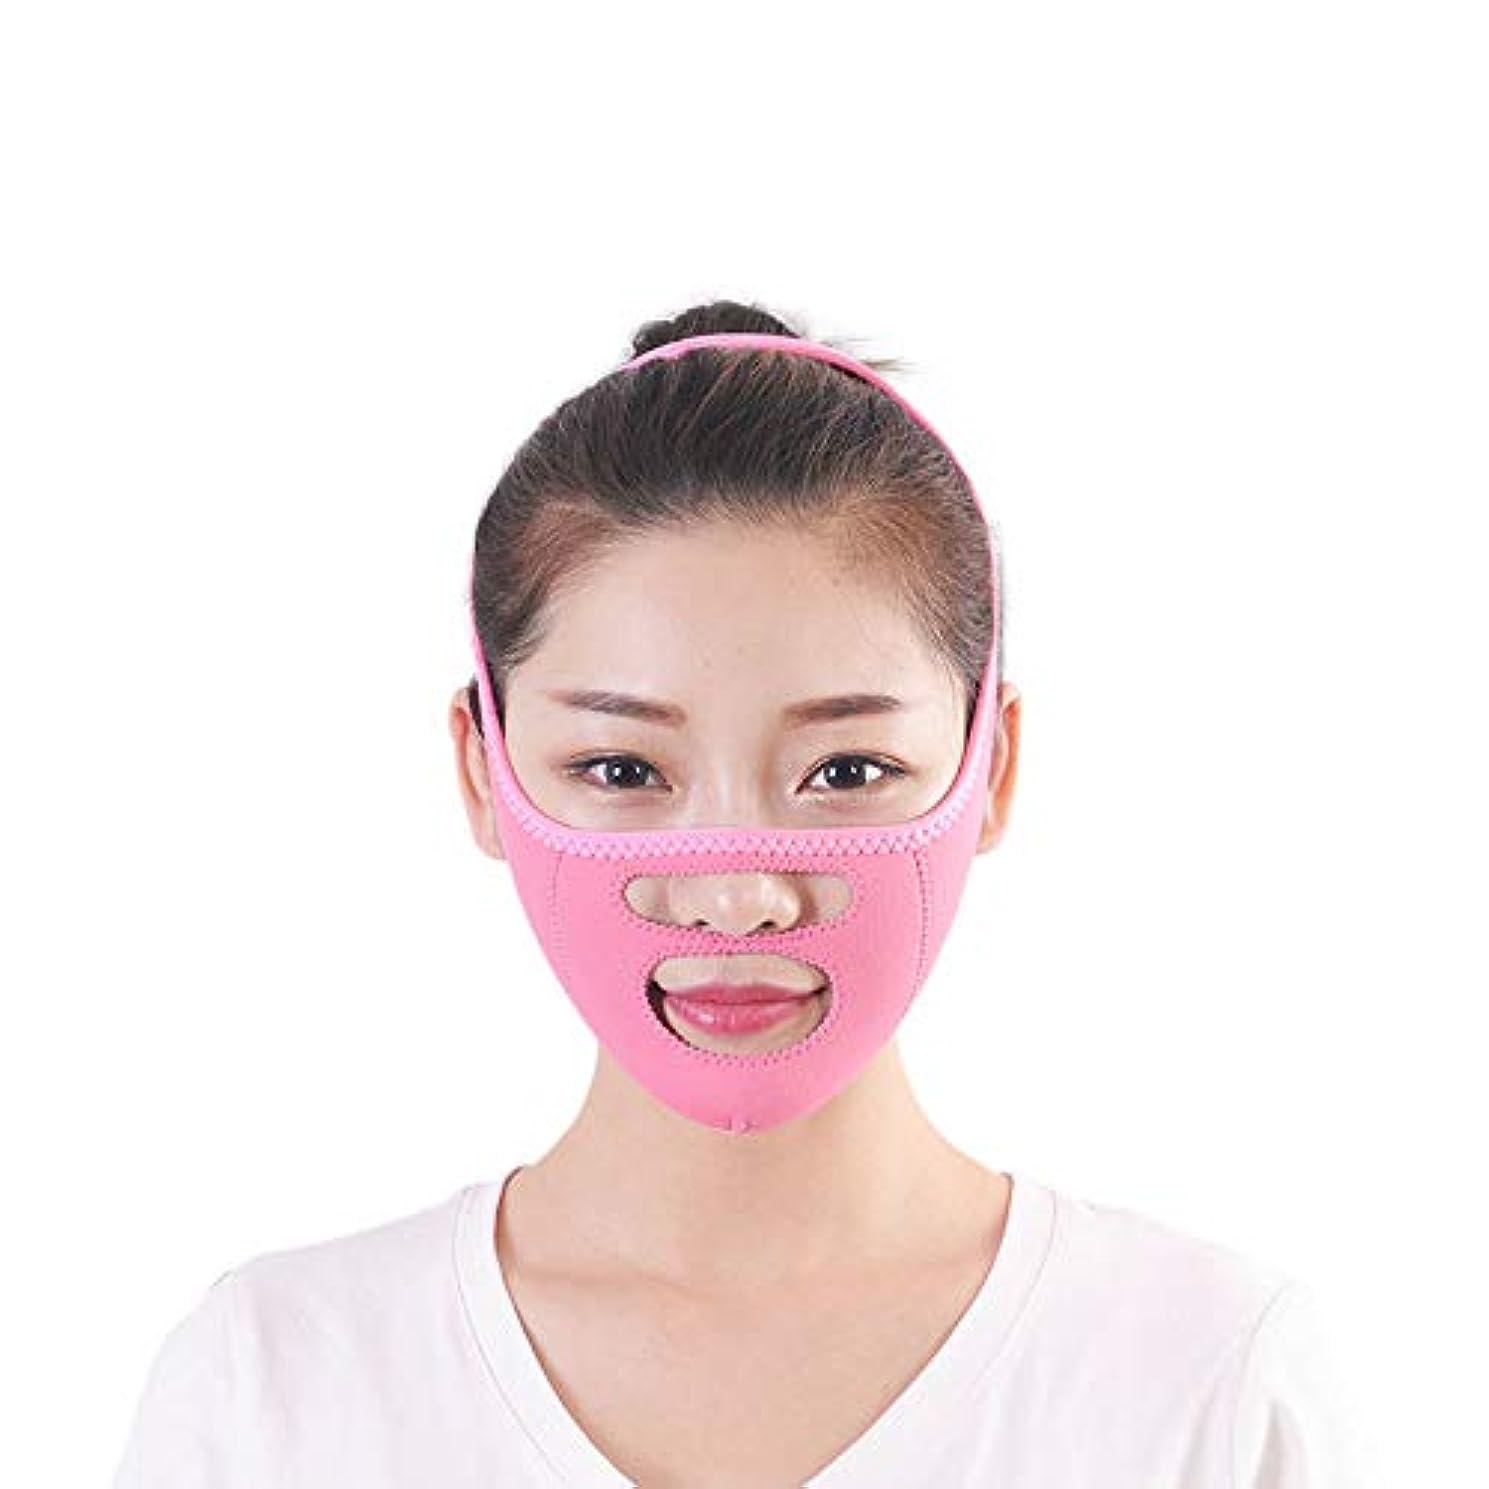 測る機械的にブラウズ二重あごの顔の減量の緩和を改善するためのフェイスリフティングアーチファクトマスク、ビームフェイス包帯/小型Vフェイスリフティングタイト補正,Blue